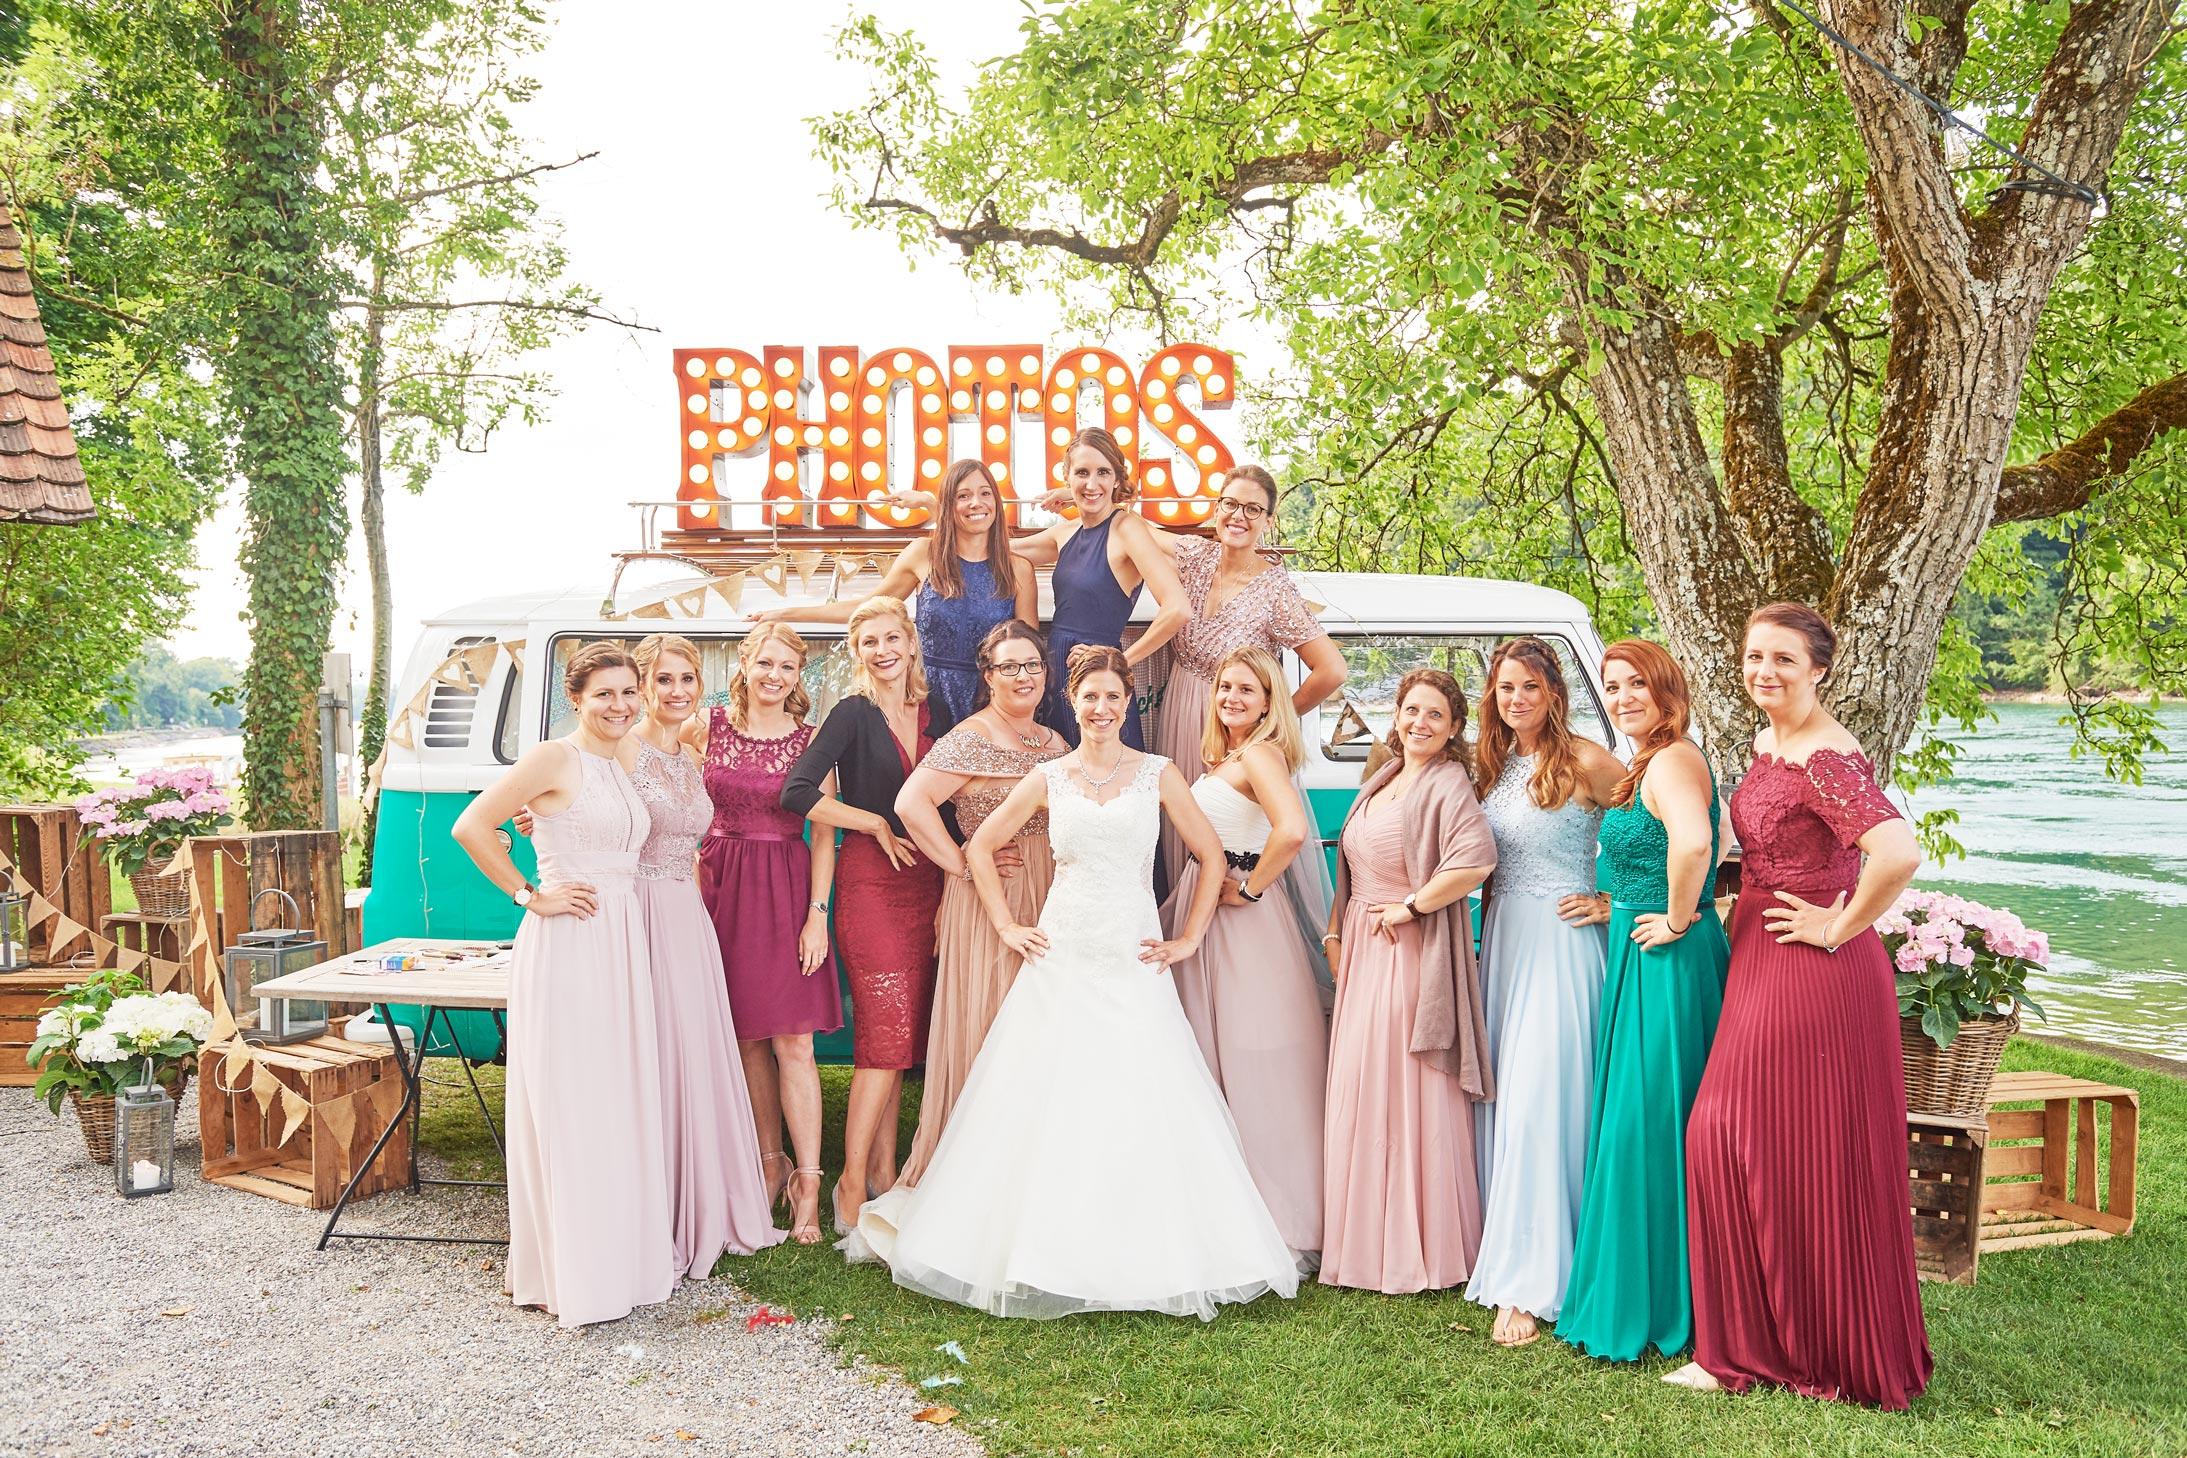 Gruppenfotos Hochzeit Retro Fotobus